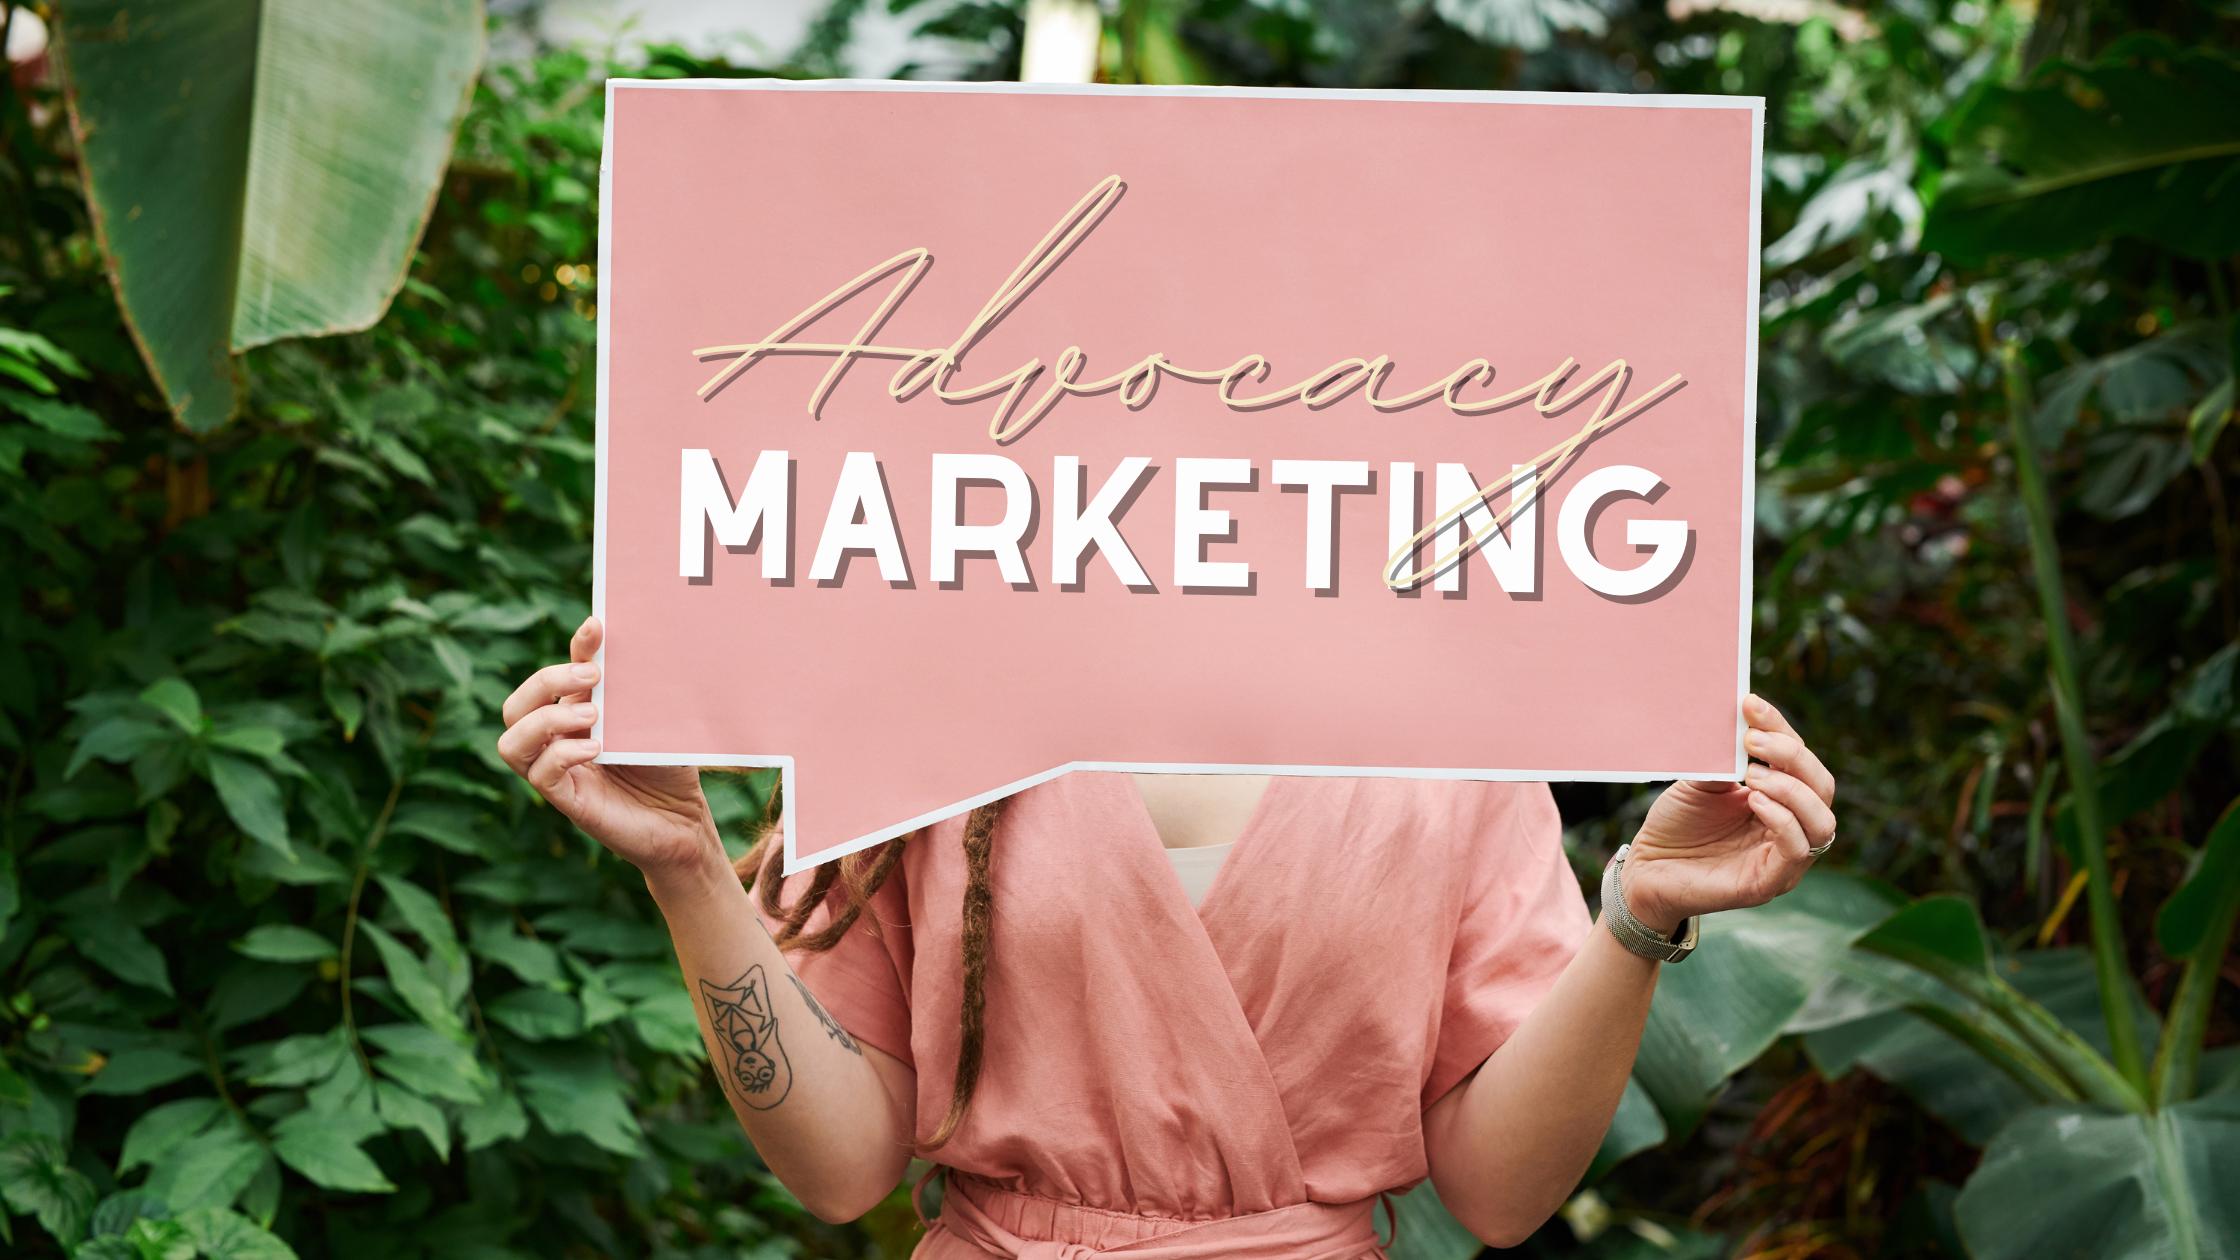 Advocacy Marketing